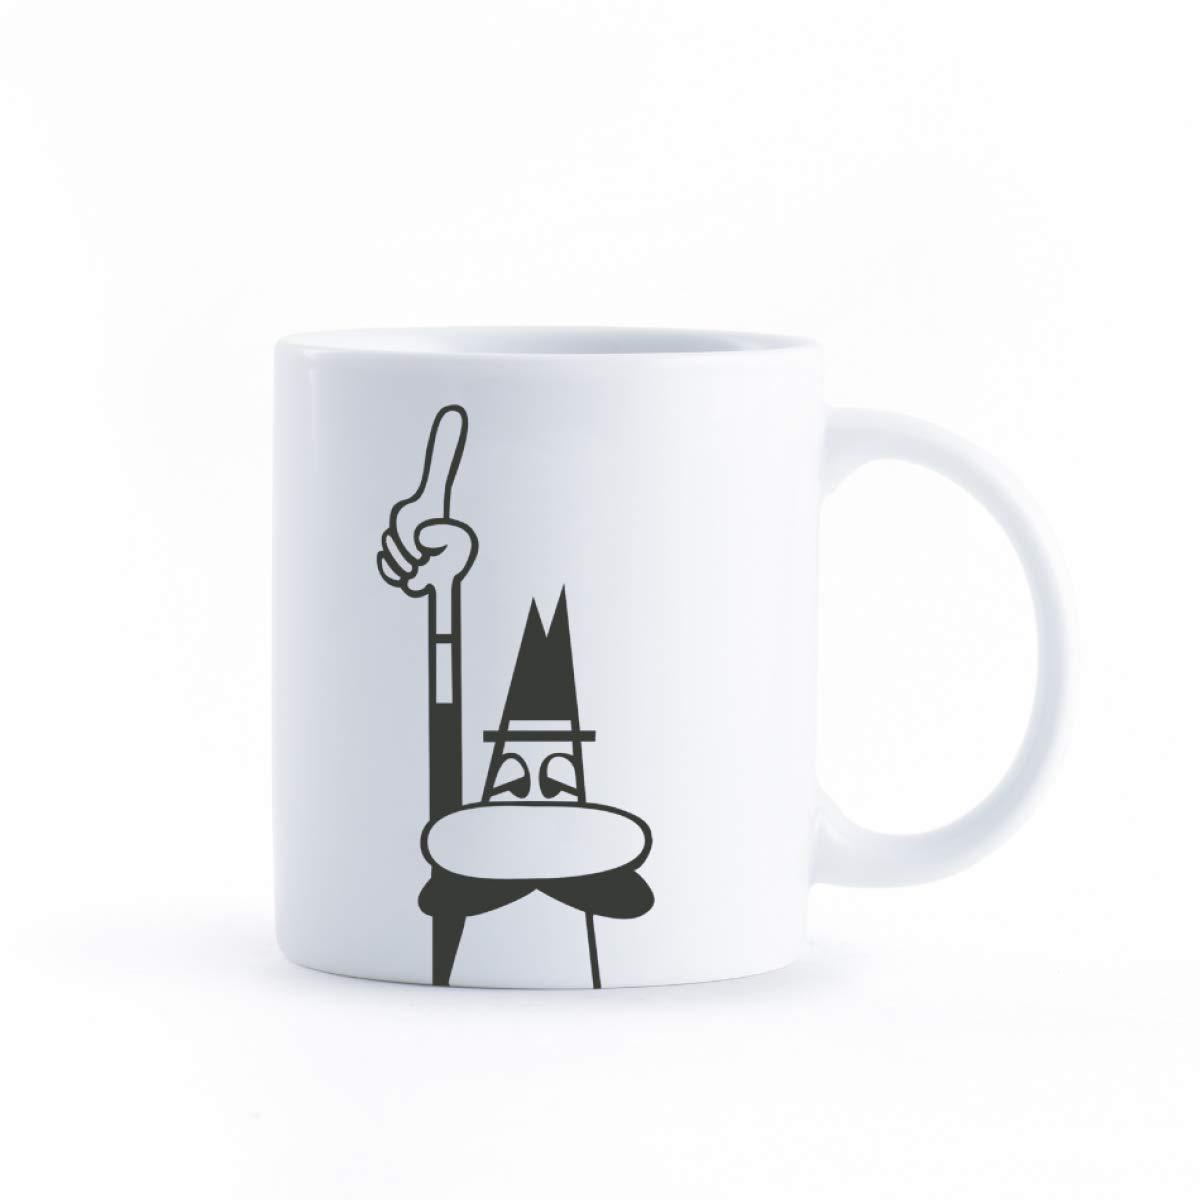 Taza de Porcelana para Café, Mug Omino Bialetti